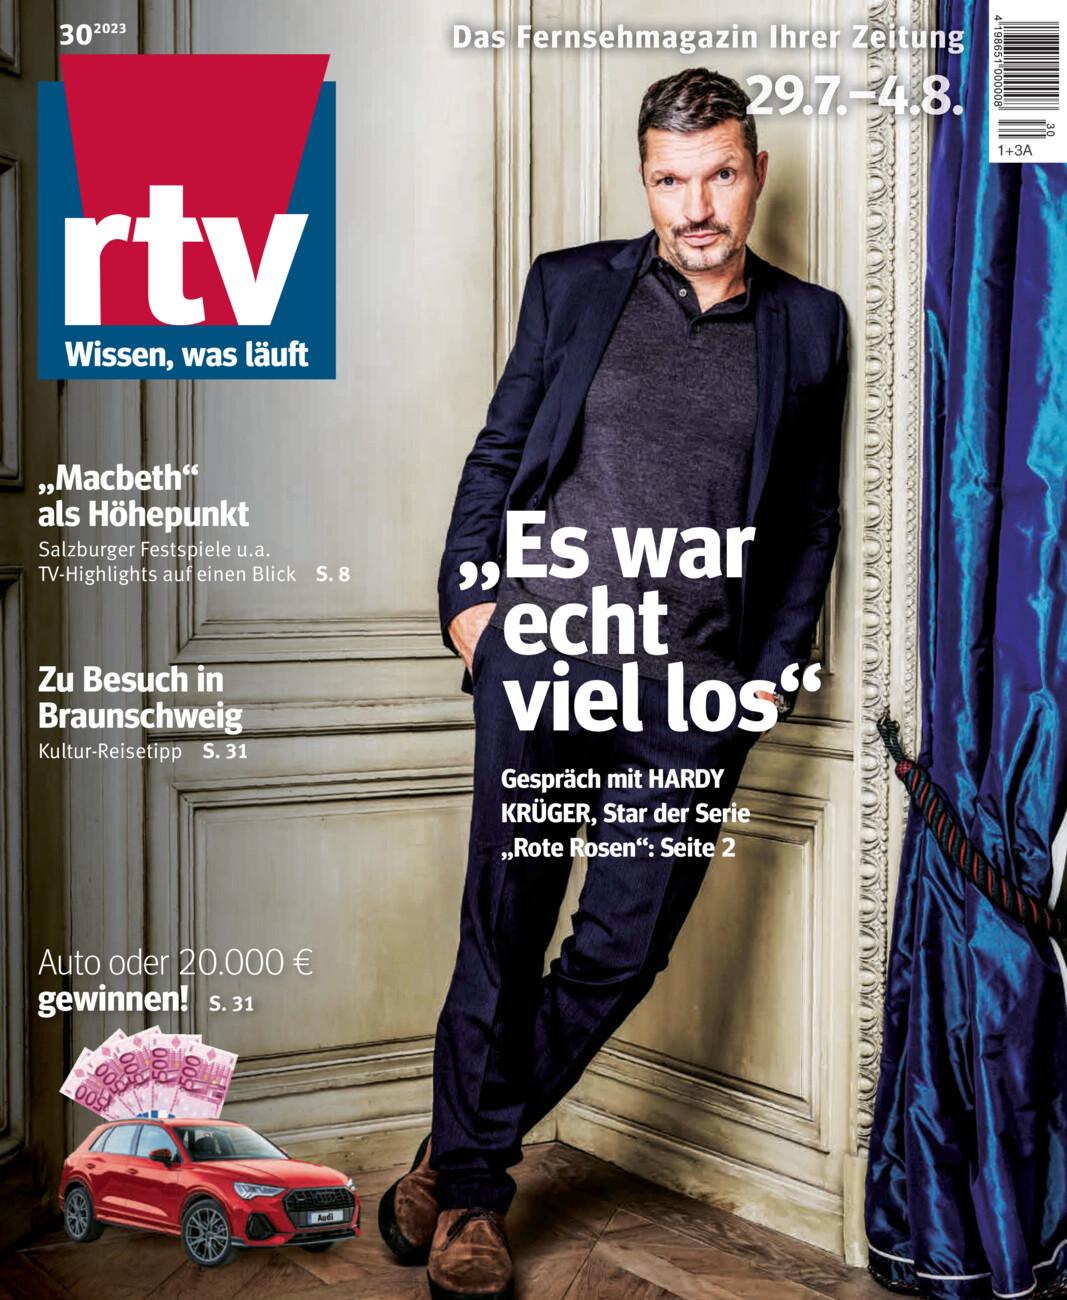 RTV 31.07. - 06.08. vom Dienstag, 27.07.2021